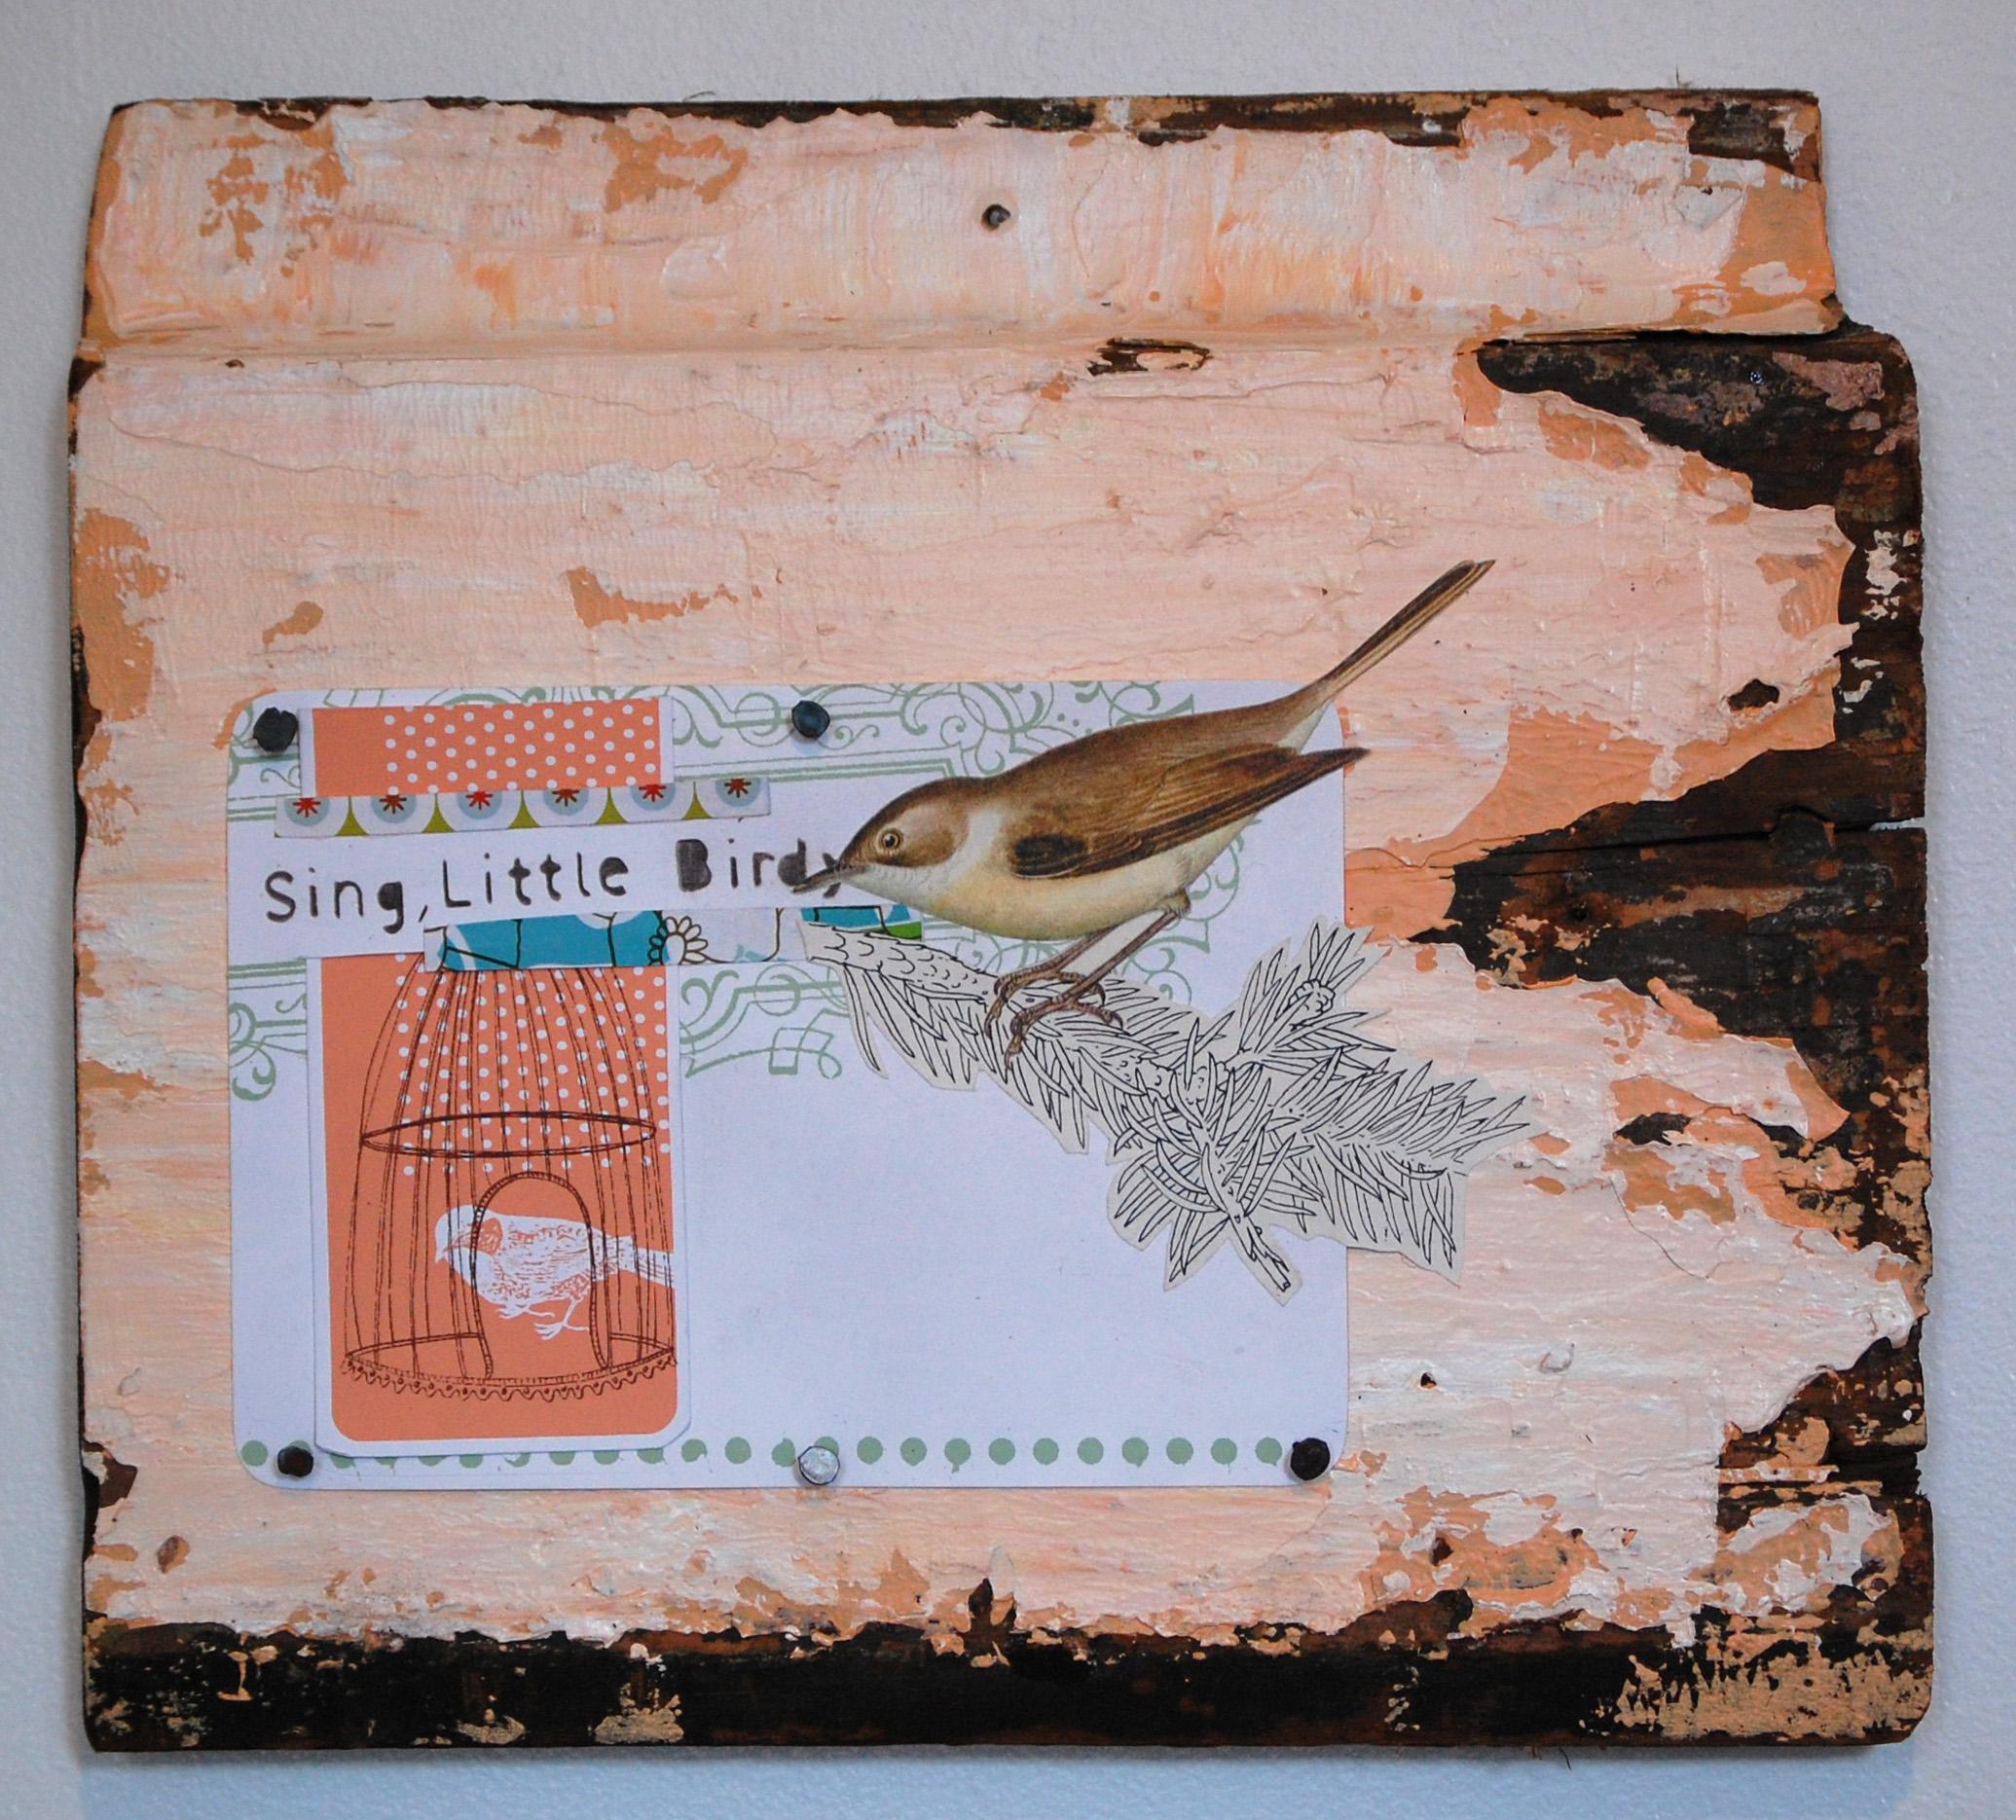 Sing, Little Birdy